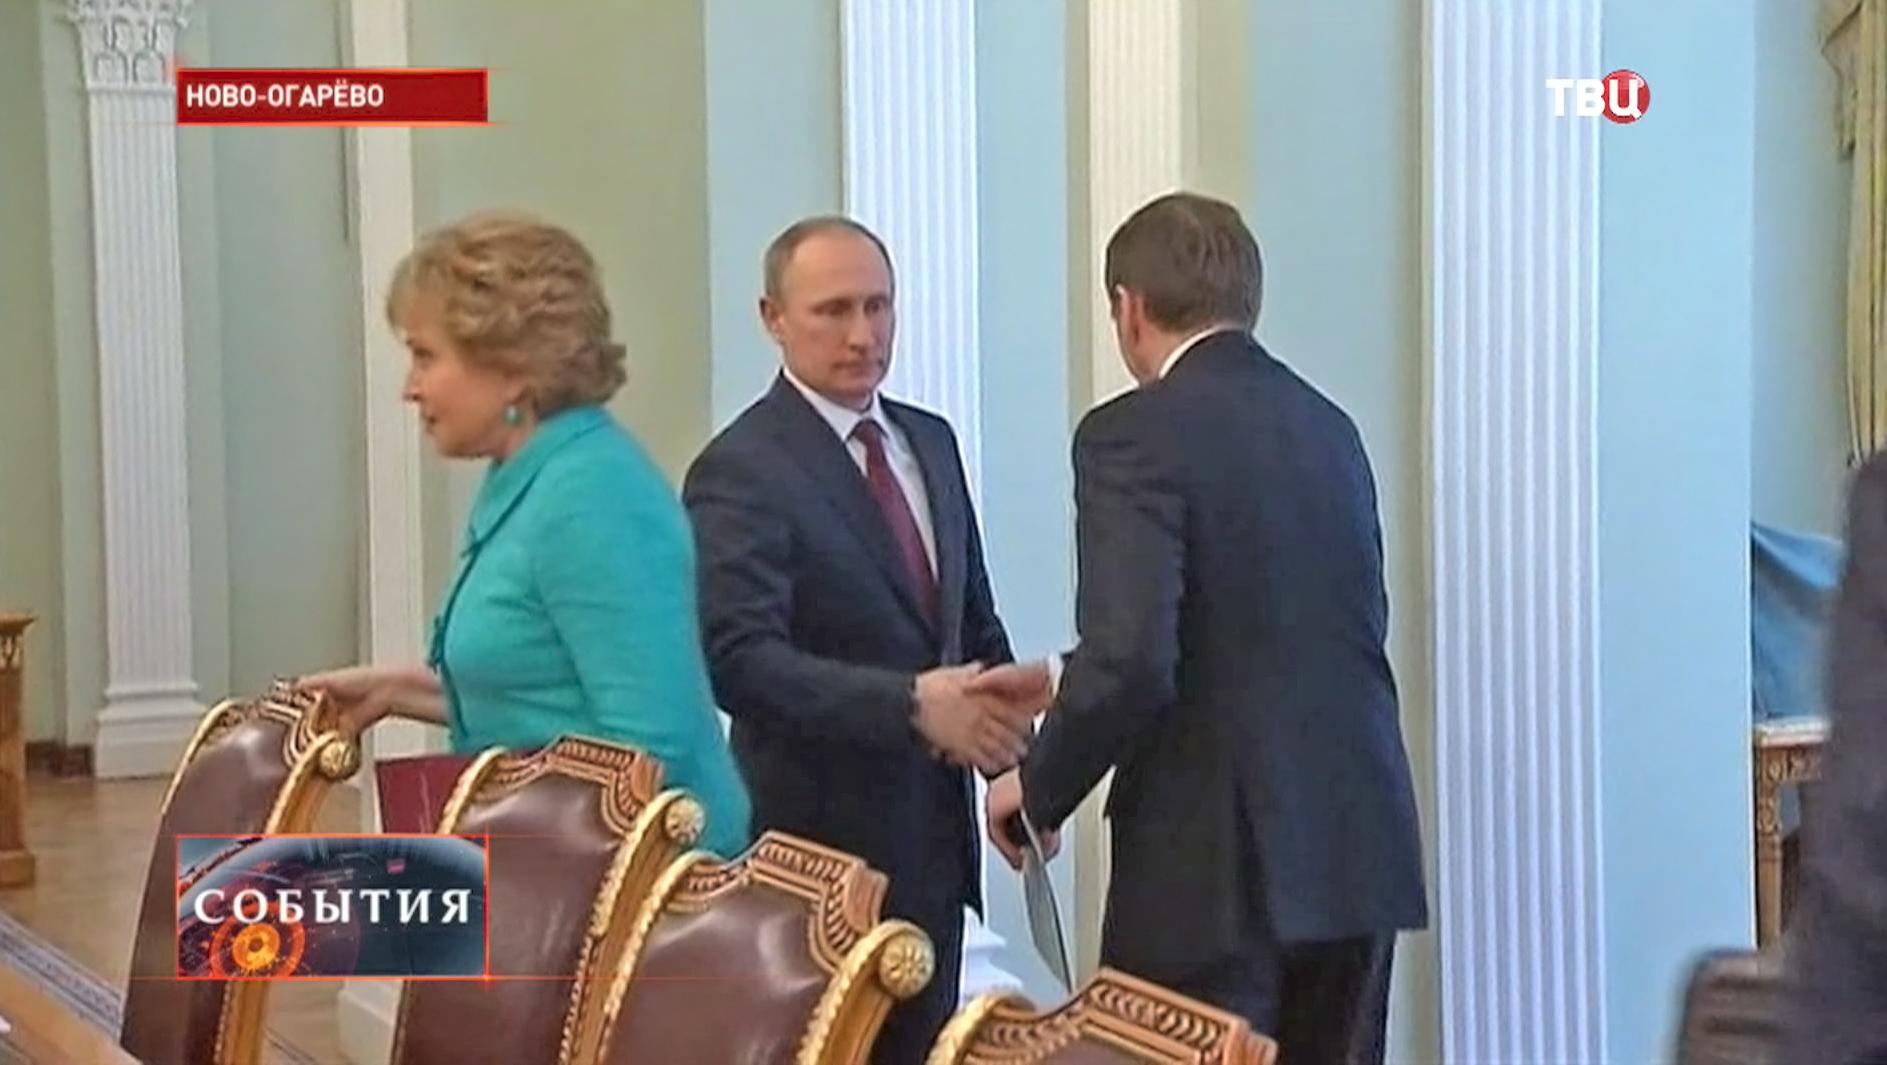 Владимир Путин с членами Совбеза